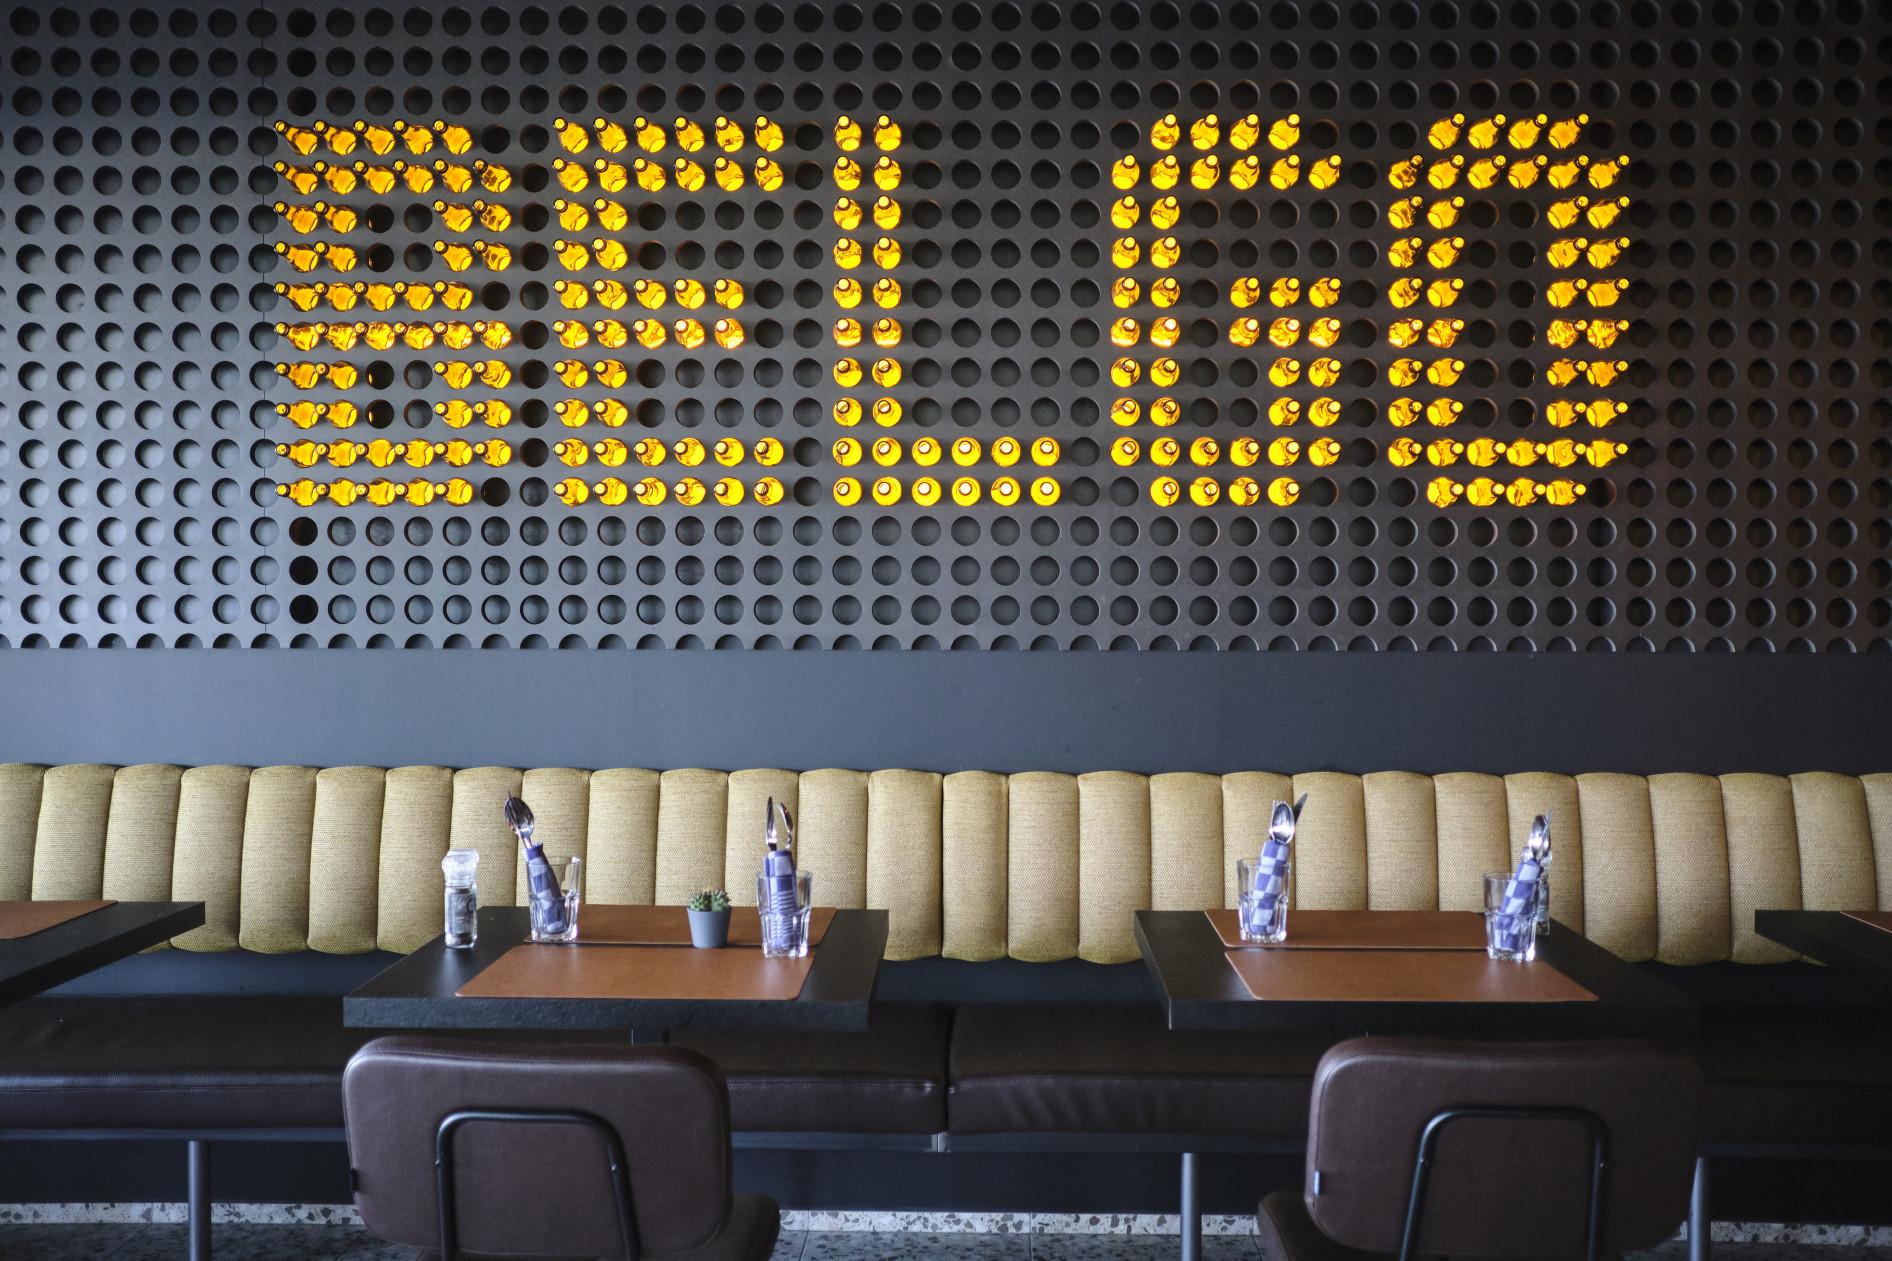 Belgo is onze meest recente installatie aan de Belgische kust. Belgische keuken, verbeteren wat...